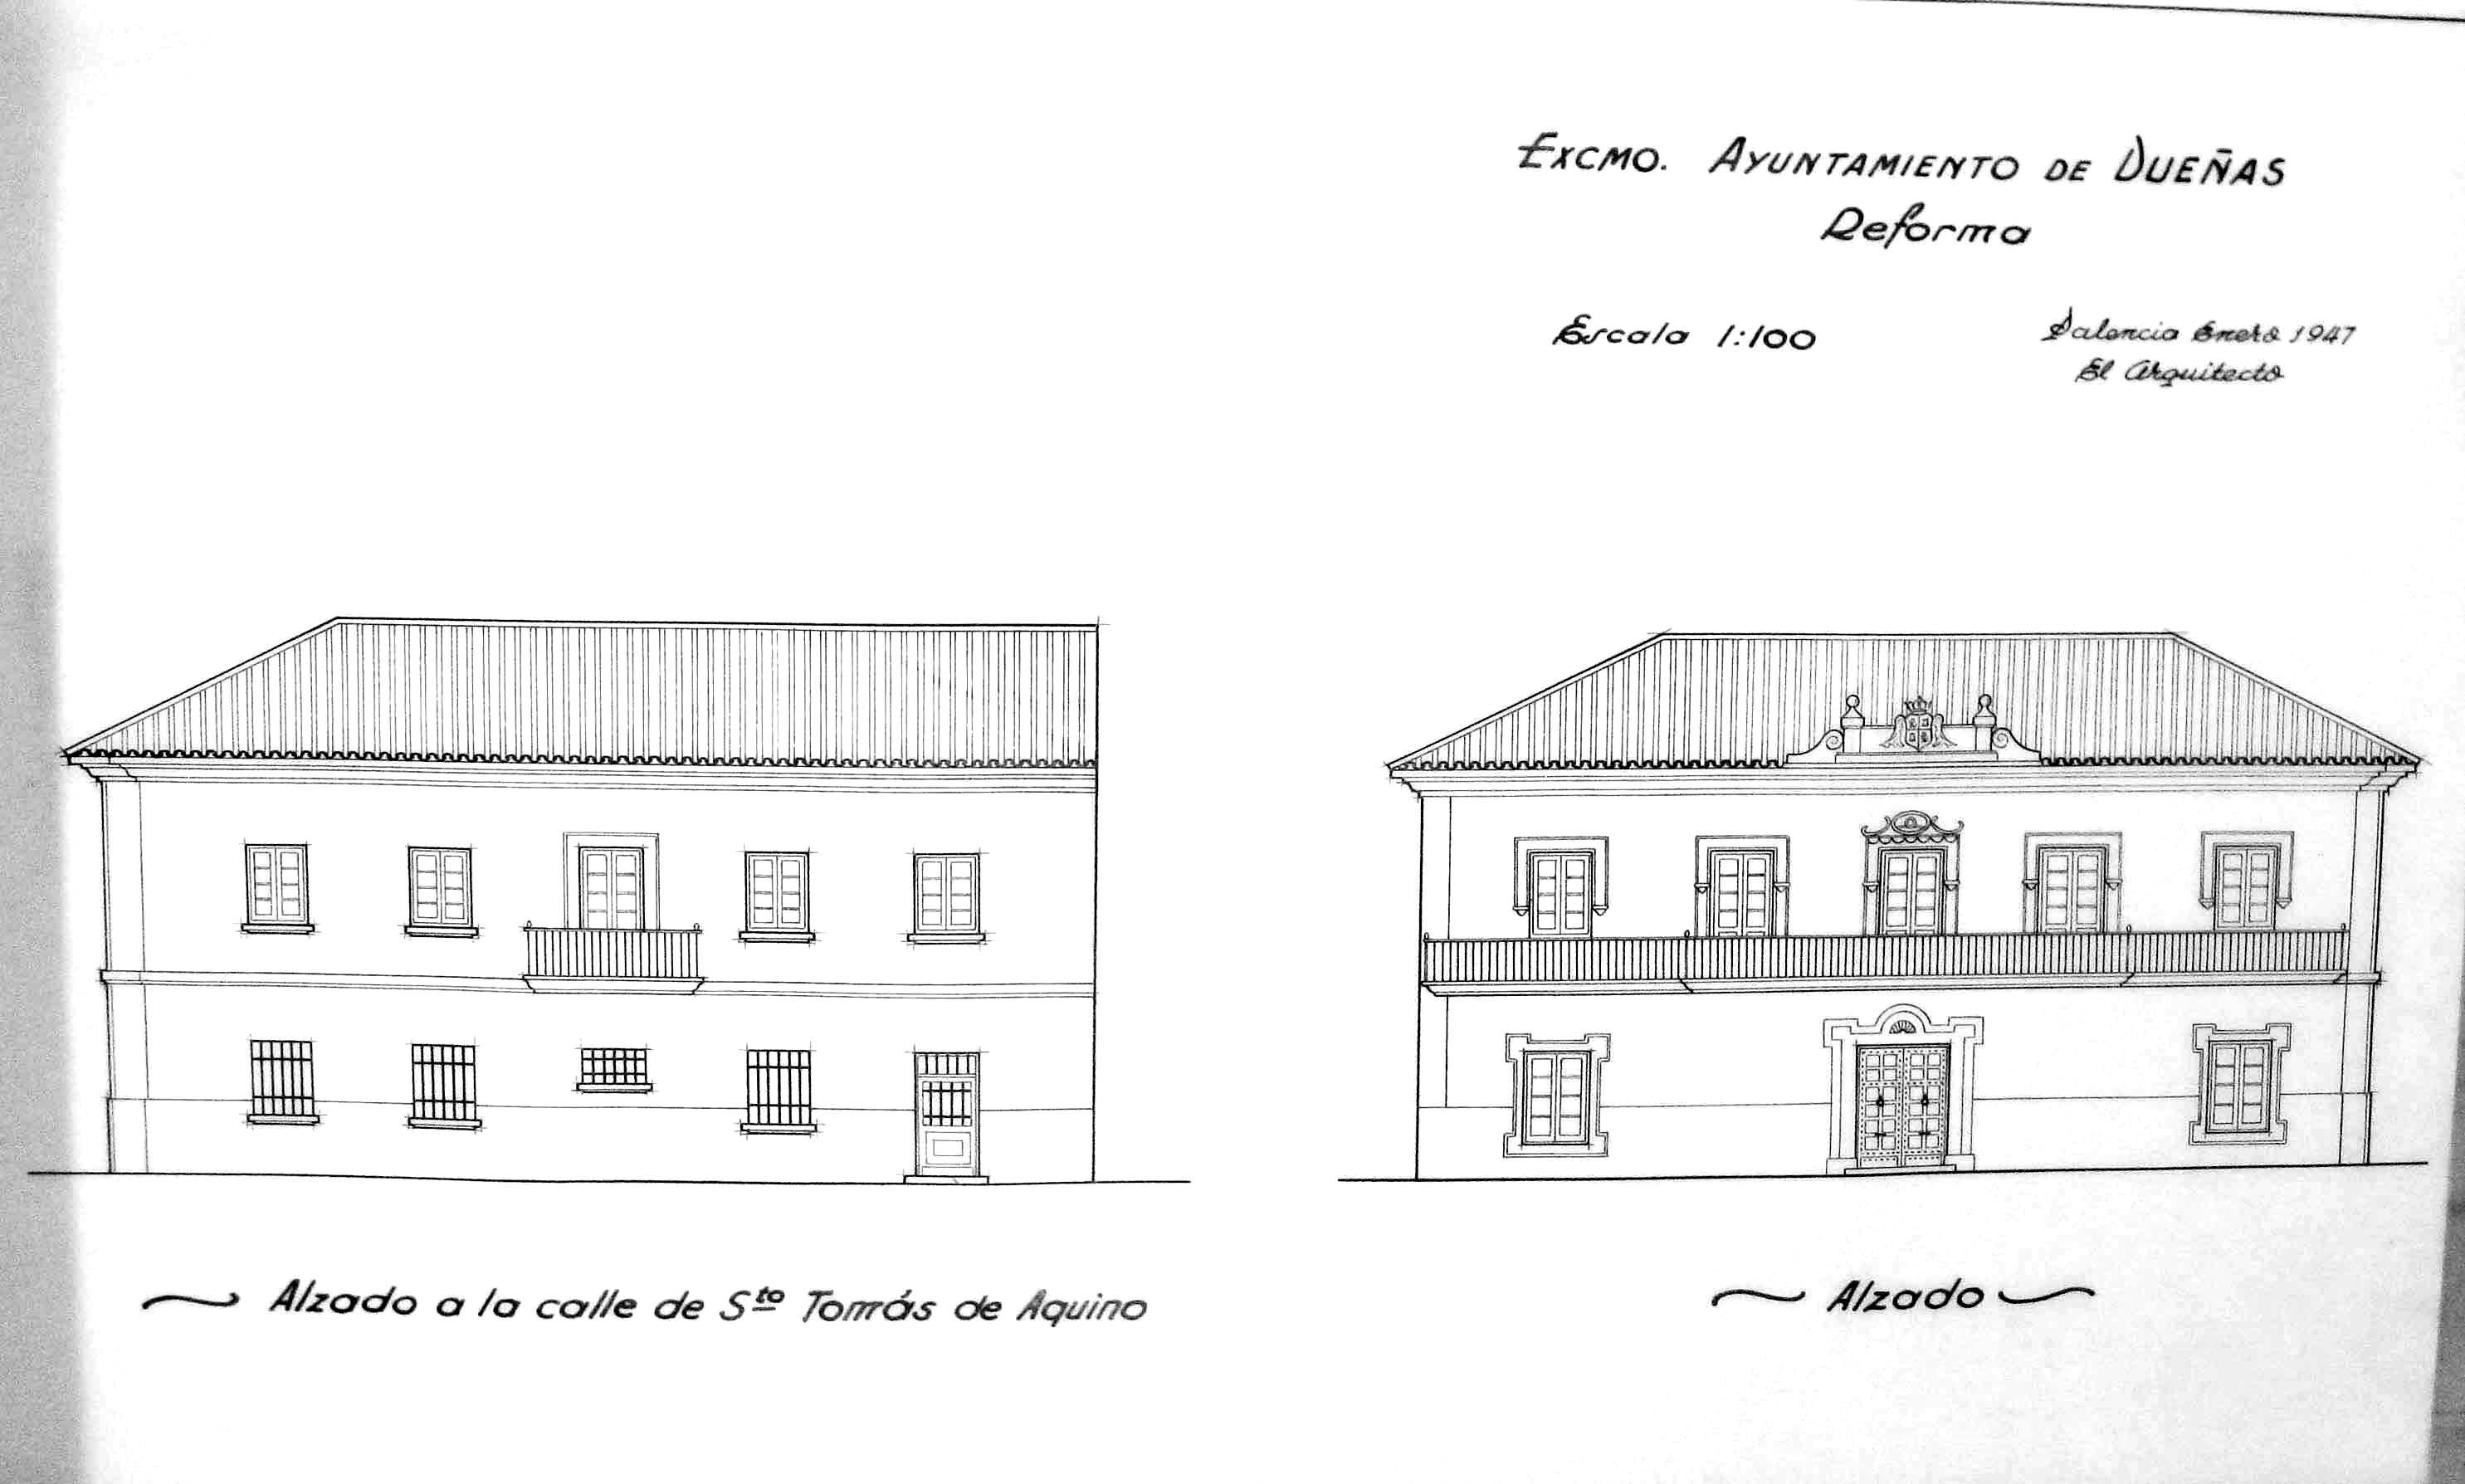 2.Dueñas,Ayuntamiento previsto, 1947, R.82